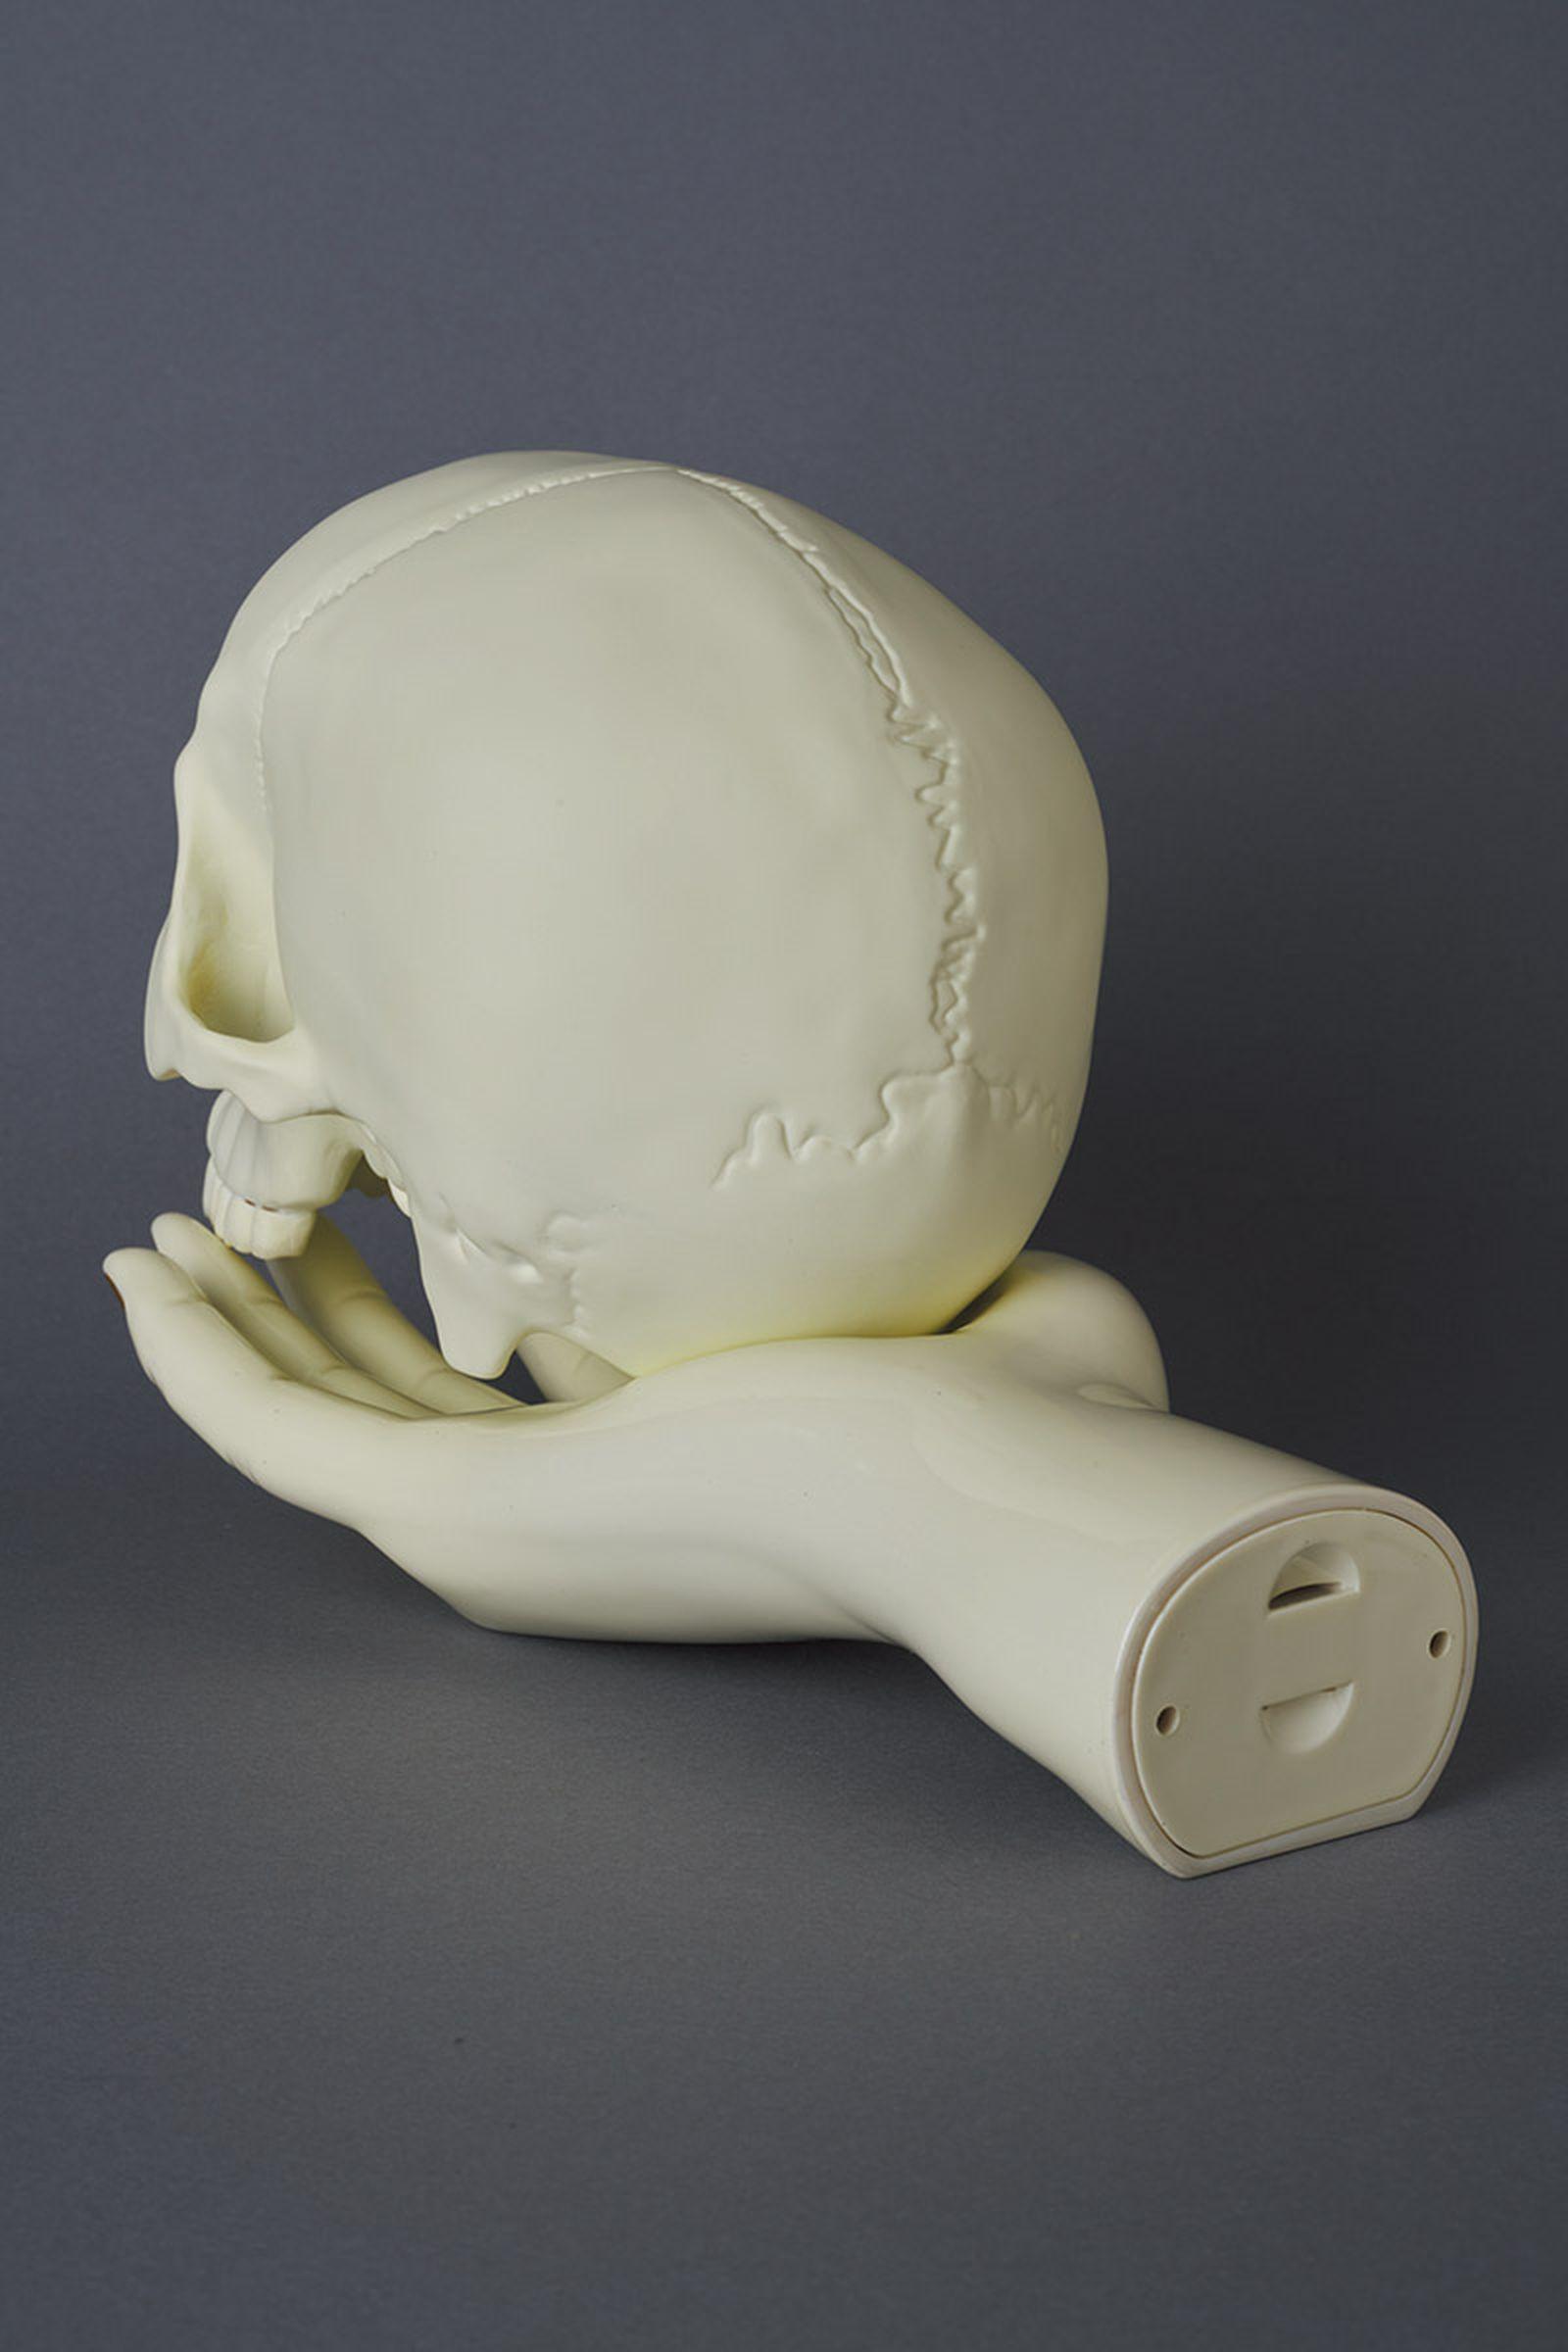 undercover-p-m-usher-spooky-season-skull-lamp-07